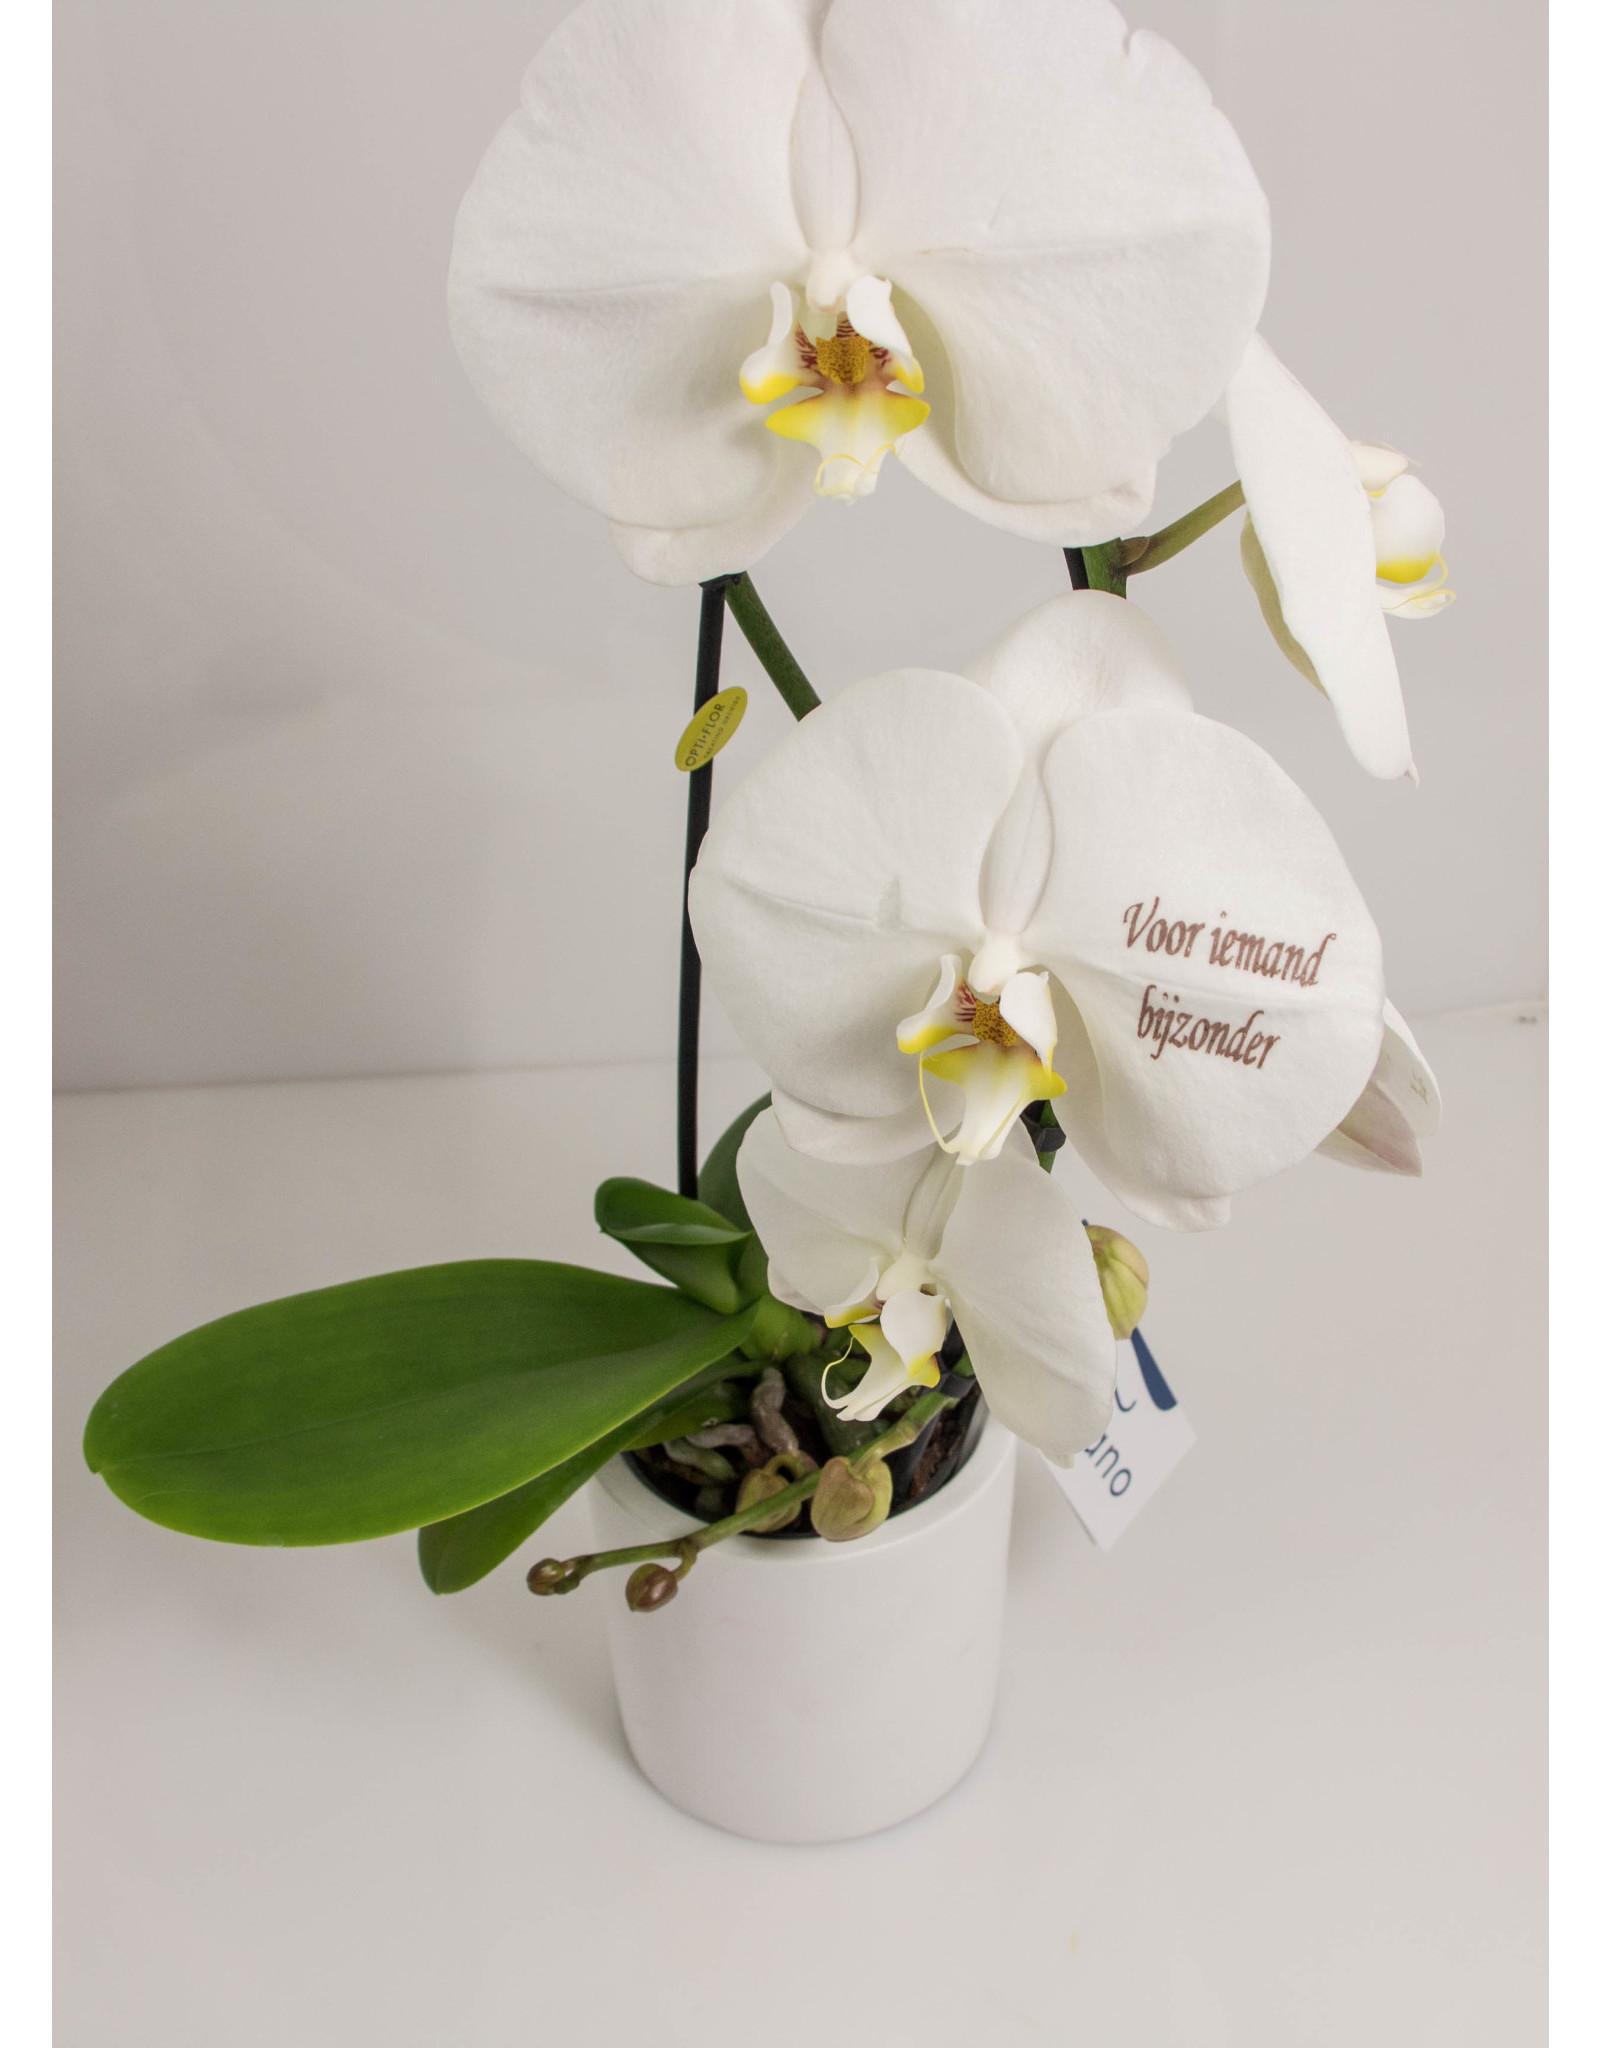 Orchidee - Voor iemand bijzonder